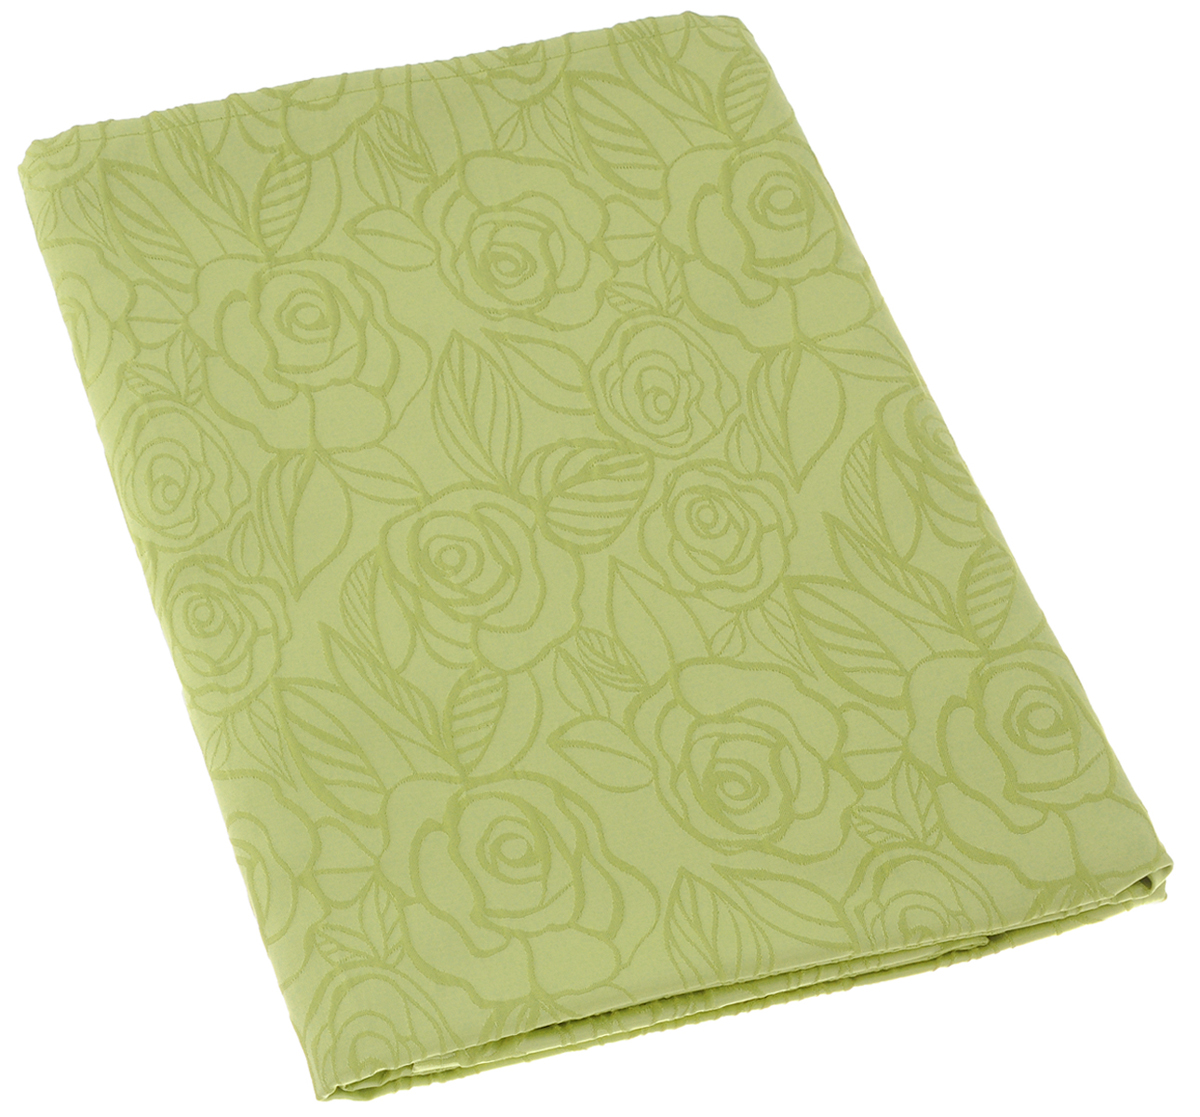 Скатерть Schaefer, прямоугольная, цвет: светло-зеленый, 130 х 160 см. 07548-427115510Изящная прямоугольная скатерть Schaefer, выполненная из плотного полиэстера с водоотталкивающей пропиткой, станет украшением кухонного стола. Изделие декорировано рельефным цветочным узором.За текстилем из полиэстера очень легко ухаживать: он не мнется, не садится и быстро сохнет, легко стирается, более долговечен, чем текстиль из натуральных волокон.Использование такой скатерти сделает застолье торжественным, поднимет настроение гостей и приятно удивит их вашим изысканным вкусом. Также вы можете использовать эту скатерть для повседневной трапезы, превратив каждый прием пищи в волшебный праздник и веселье. Это текстильное изделие станет изысканным украшением вашего дома!